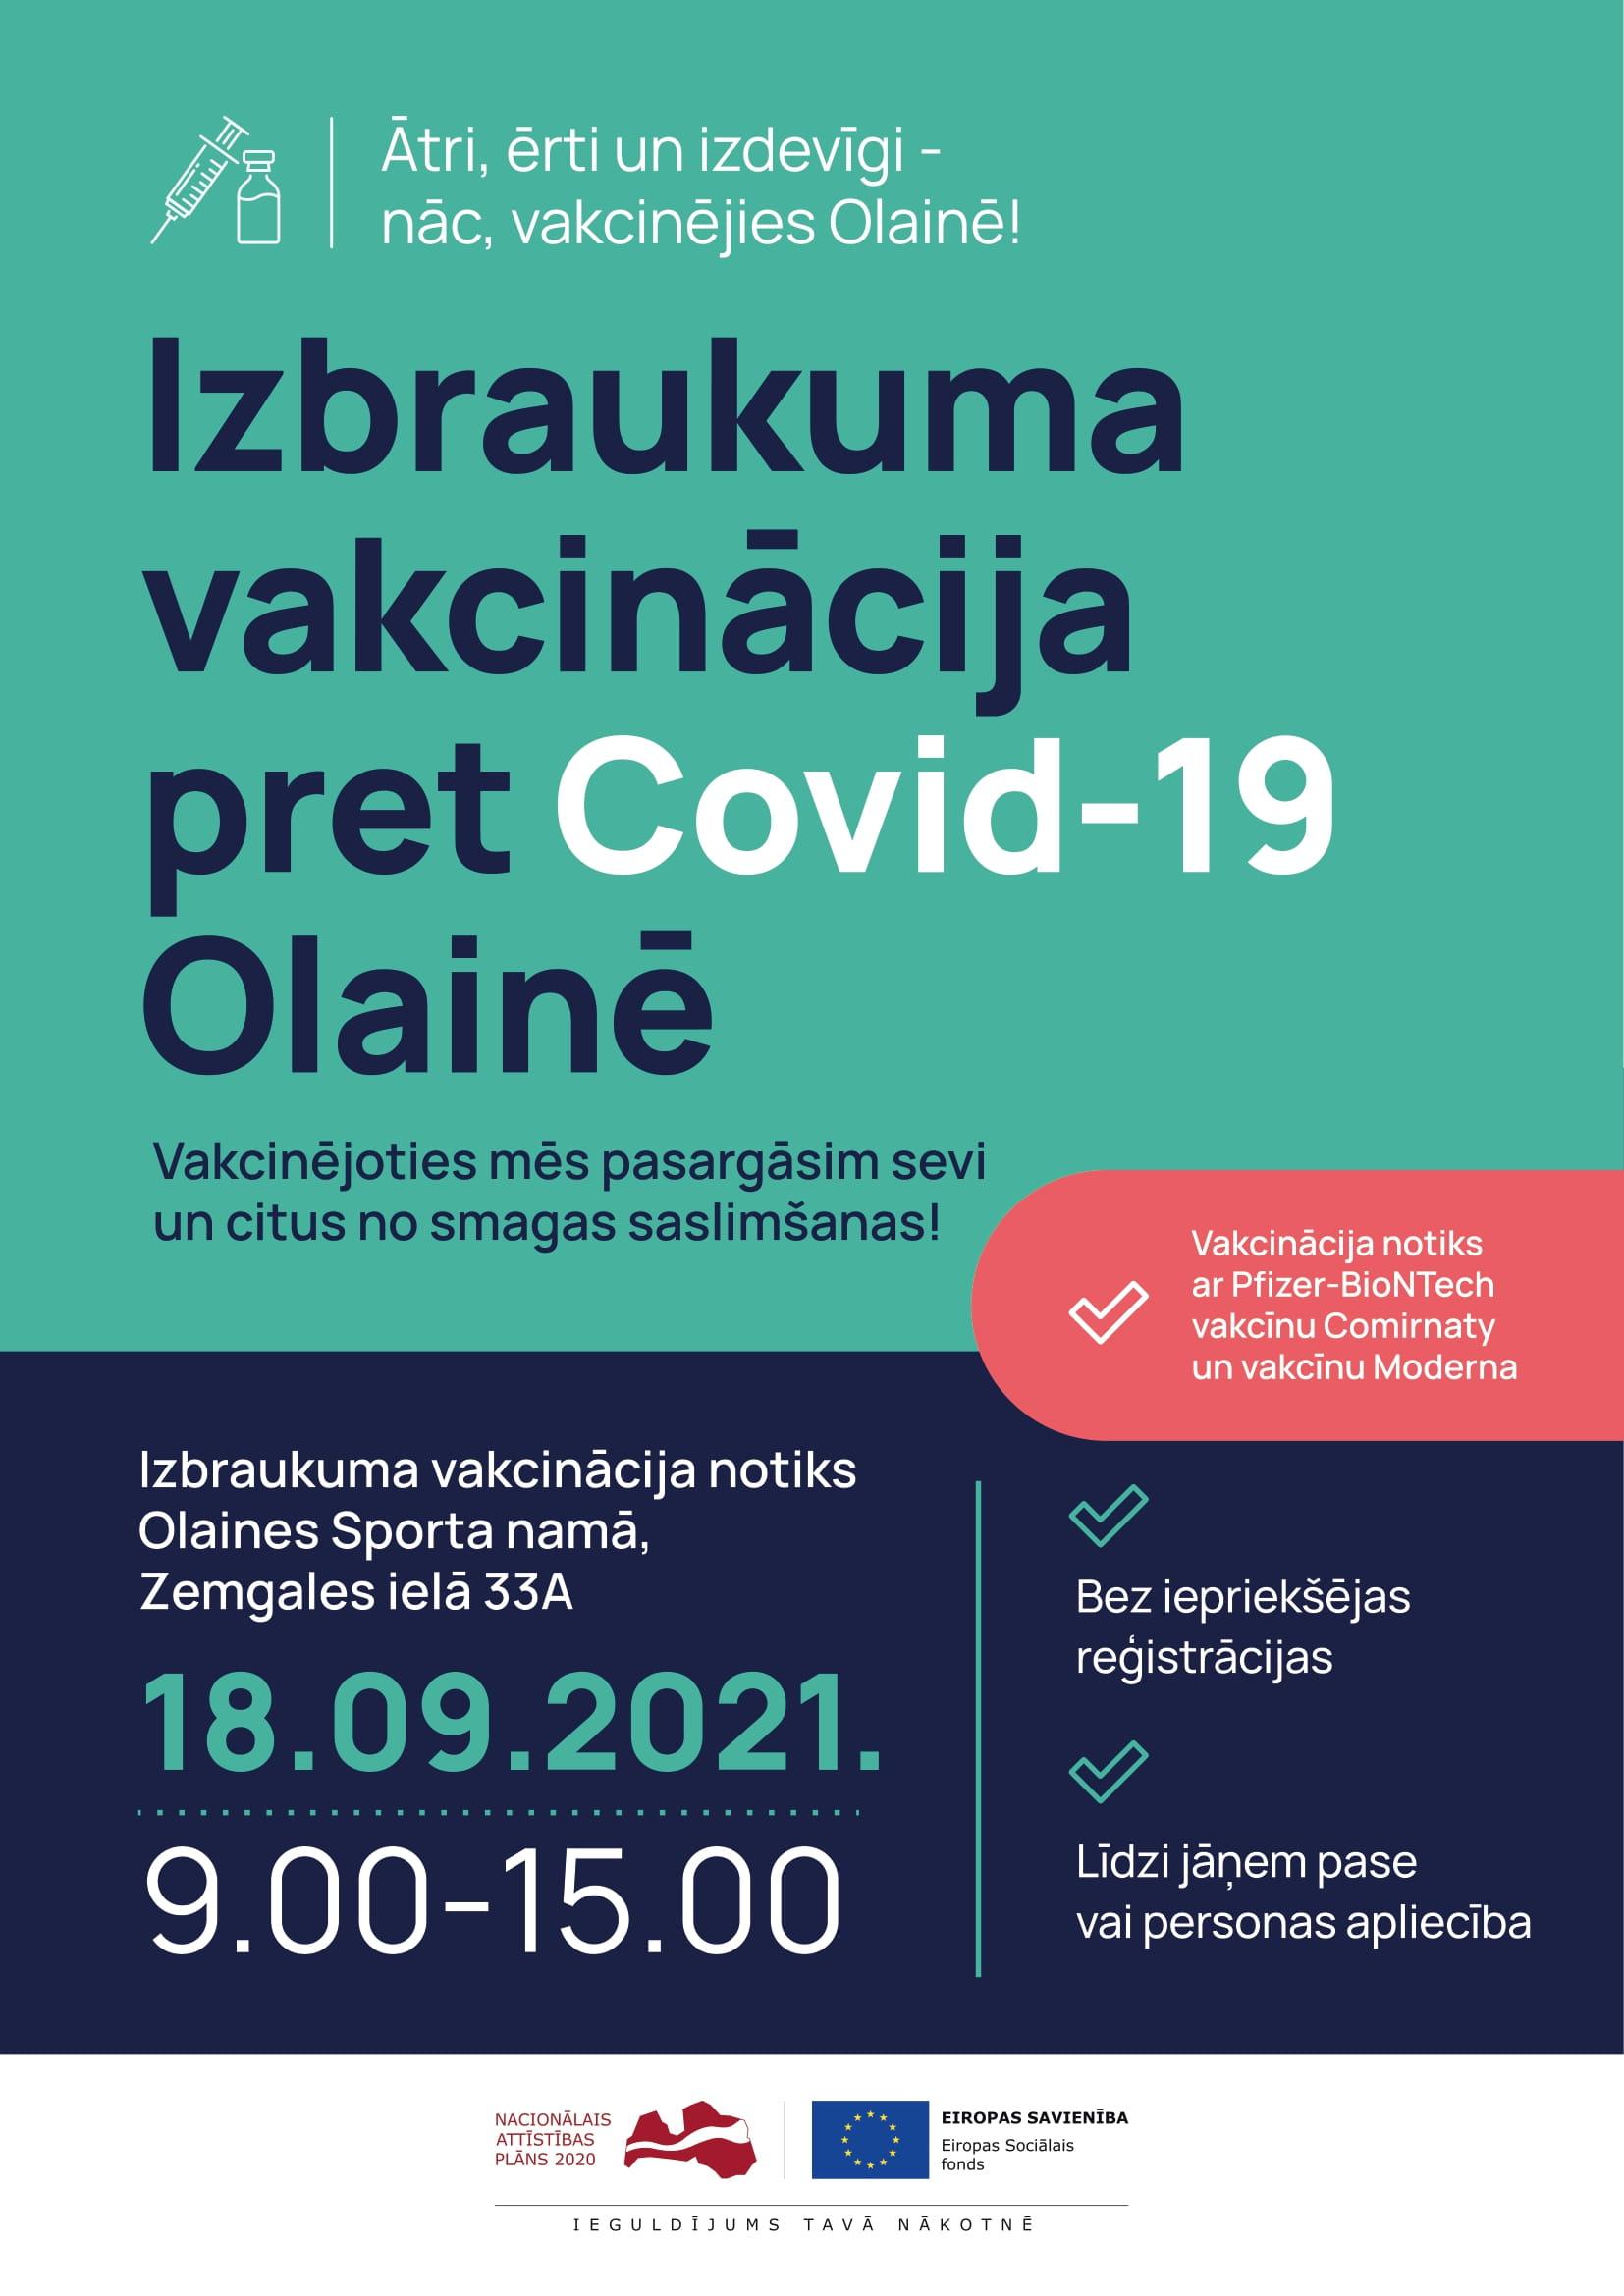 Plakāts ar iepriekš minēto informāciju par izbraukuma vakcināciju